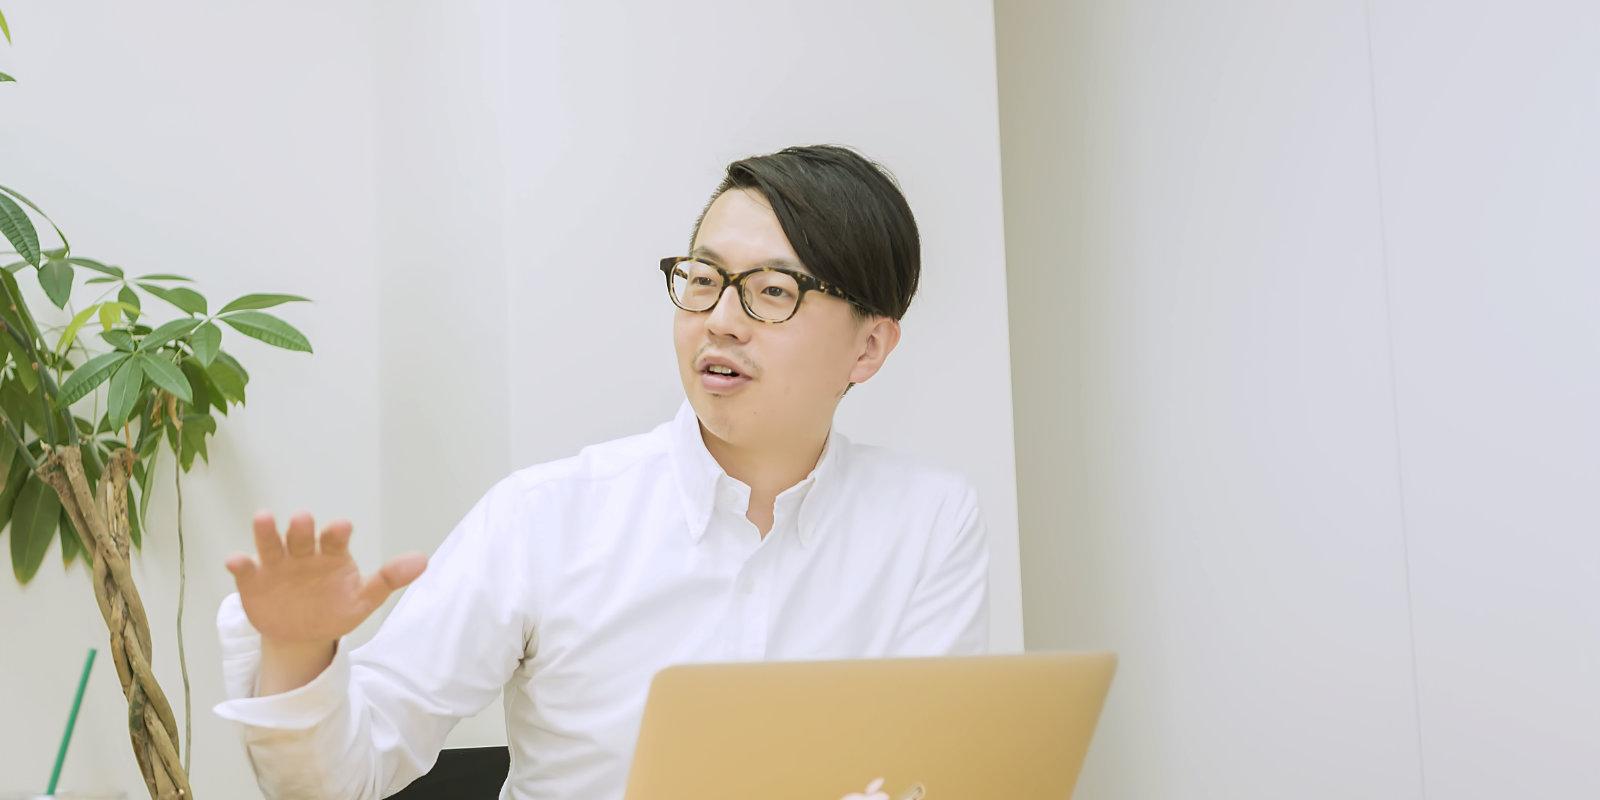 ディレクター 大木 健二さん